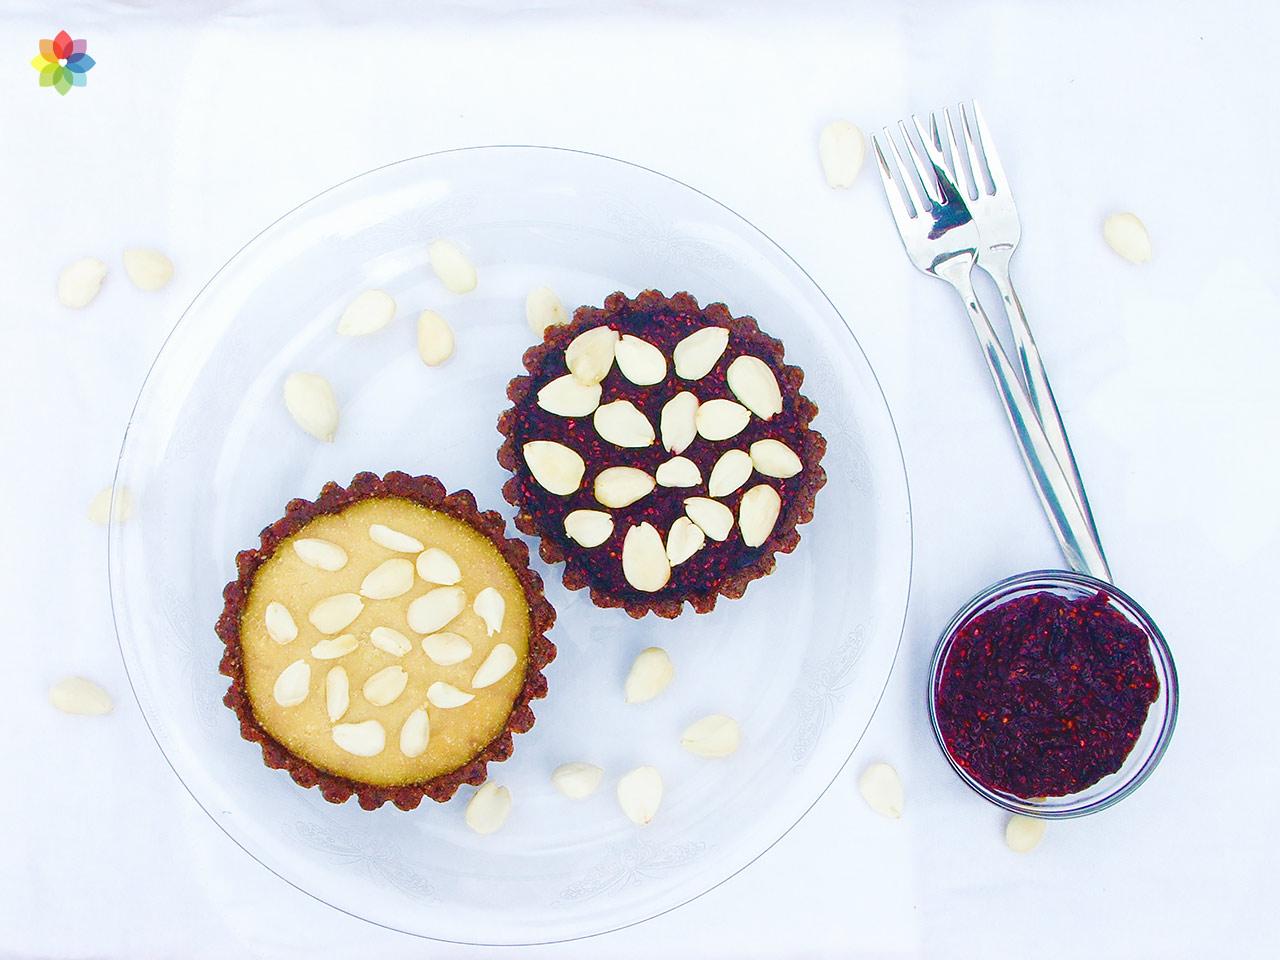 Tarta Bakewell con mazapán de almendras y mermelada de frutos rojos